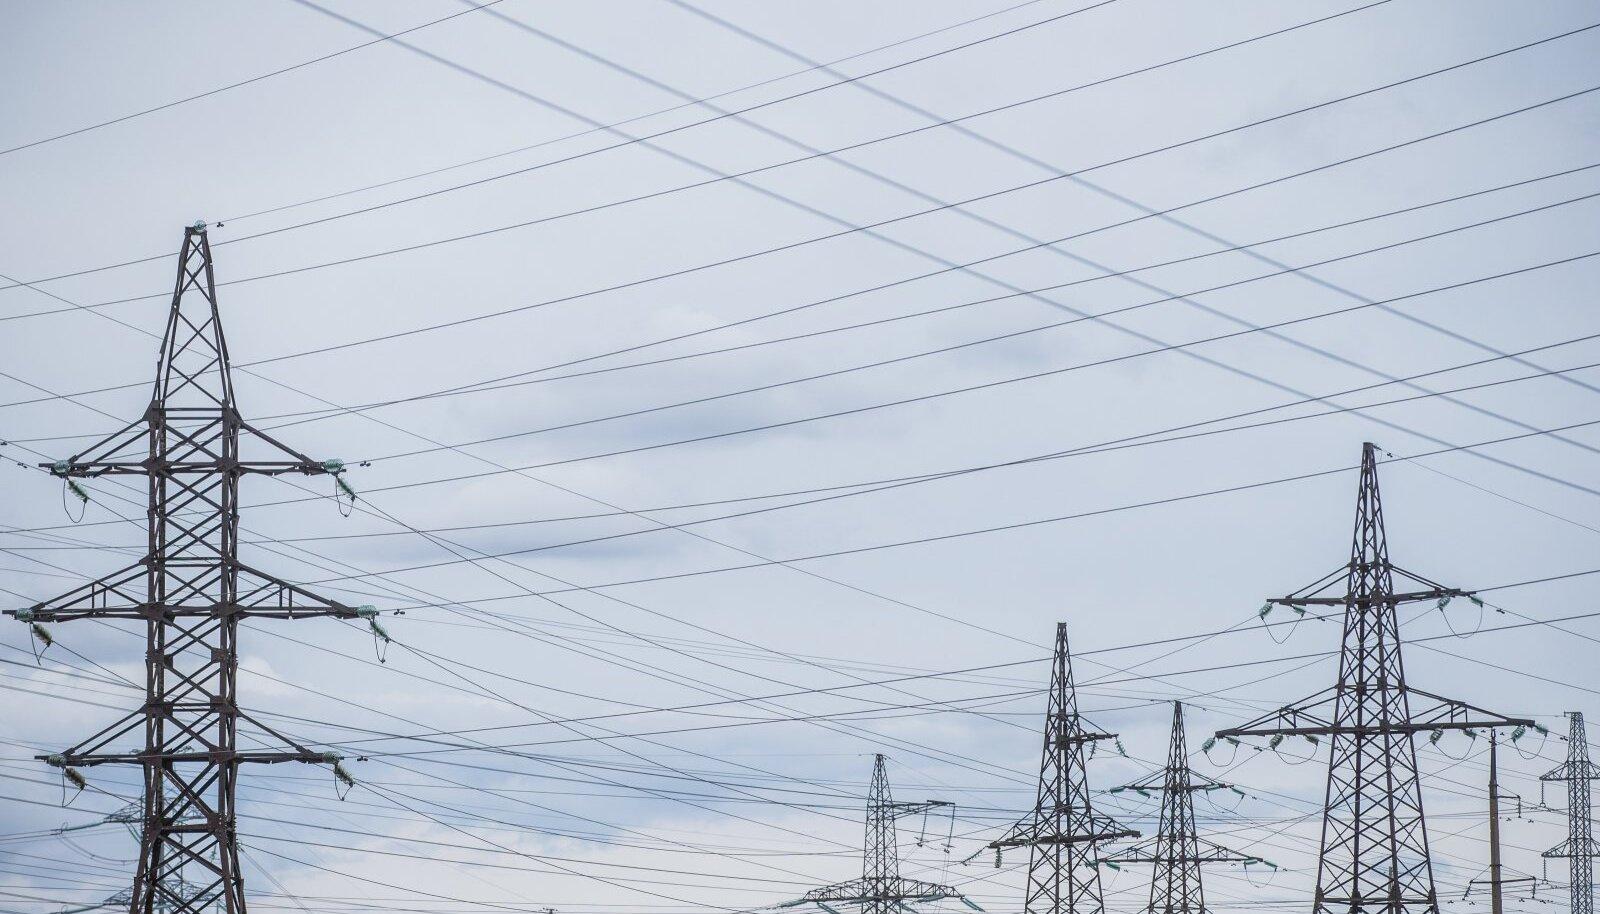 Tuhanded kliendid on hetkel Eestis elektrita (pilt on illustratiivne).